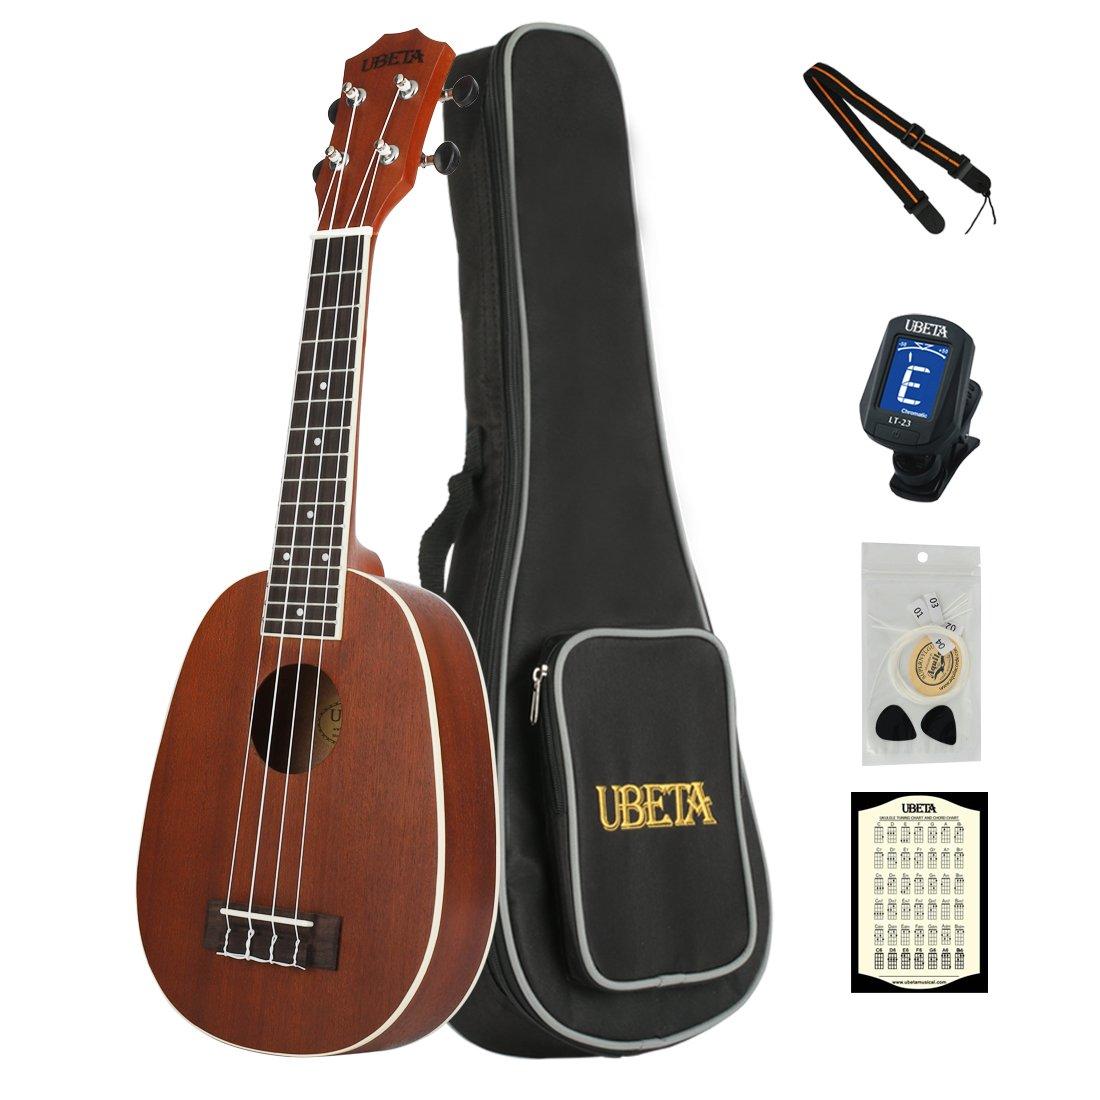 UBETA UB-21PA-N Mahogany Pineapple Soprano Paquete de ukelele para principiantes de 21 pulgadas con bolso Gig, afinador con clip, picos, cuerdas Aquila, tarjeta de acordes y correa